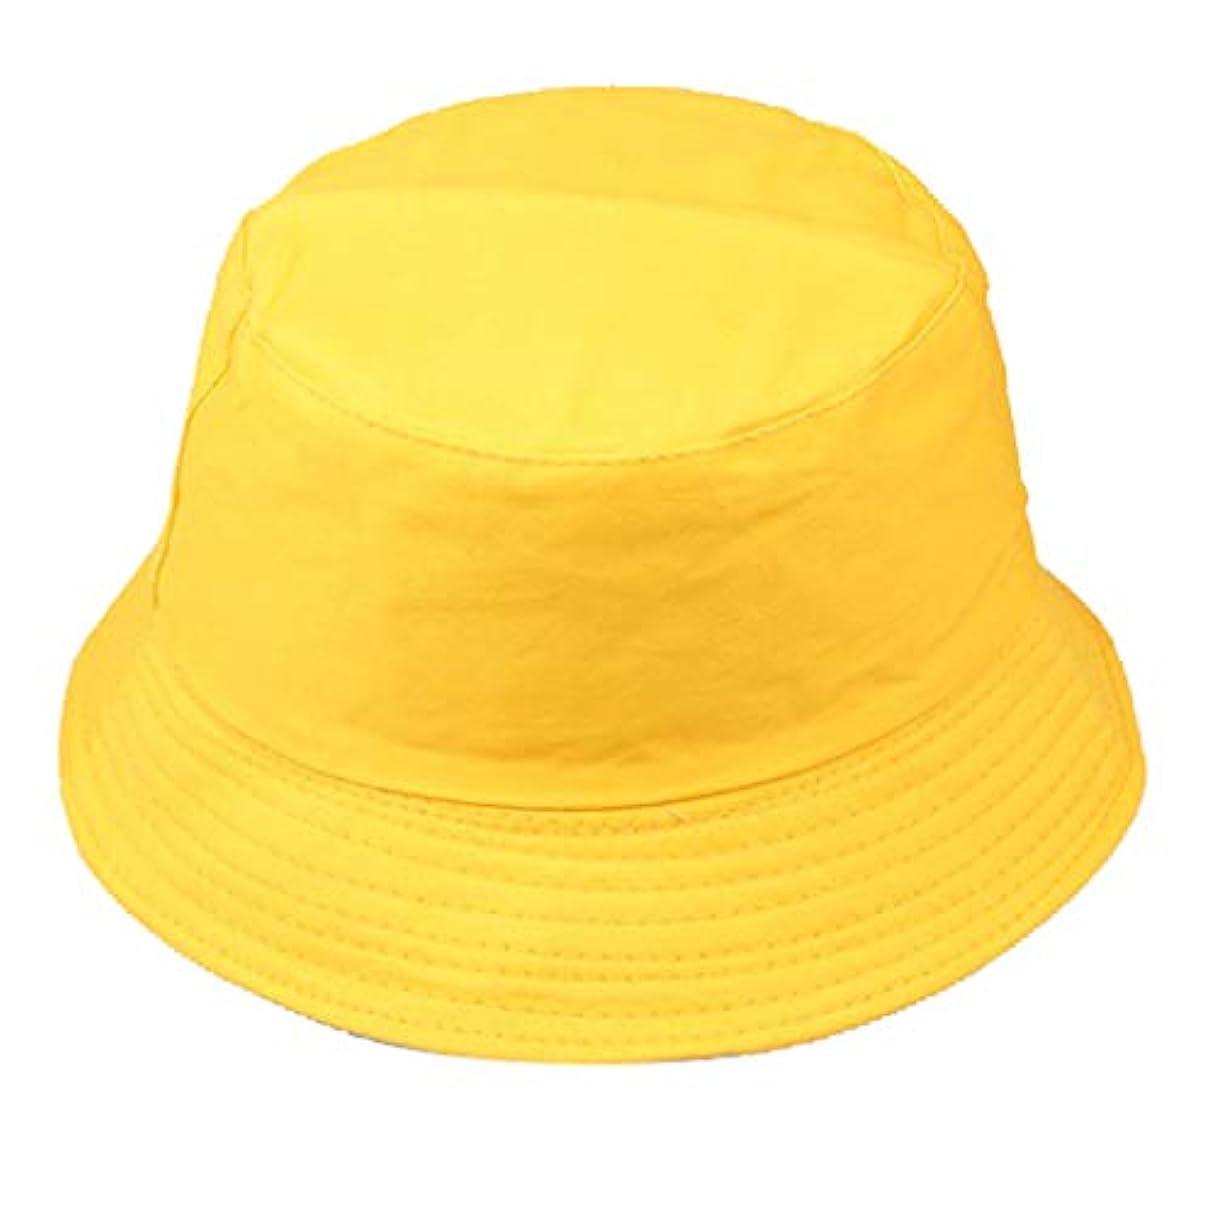 返済半ばペース帽子 レディース 漁師帽 つば広 UVカット 熱中症 夏 海 紫外線 日除け レディース 帽子 キャップ ハット レディース 漁師の帽子 小顔効果抜群 アウトドア 紫外線対策 日焼け対策 ハット 調整テープ ROSE ROMAN